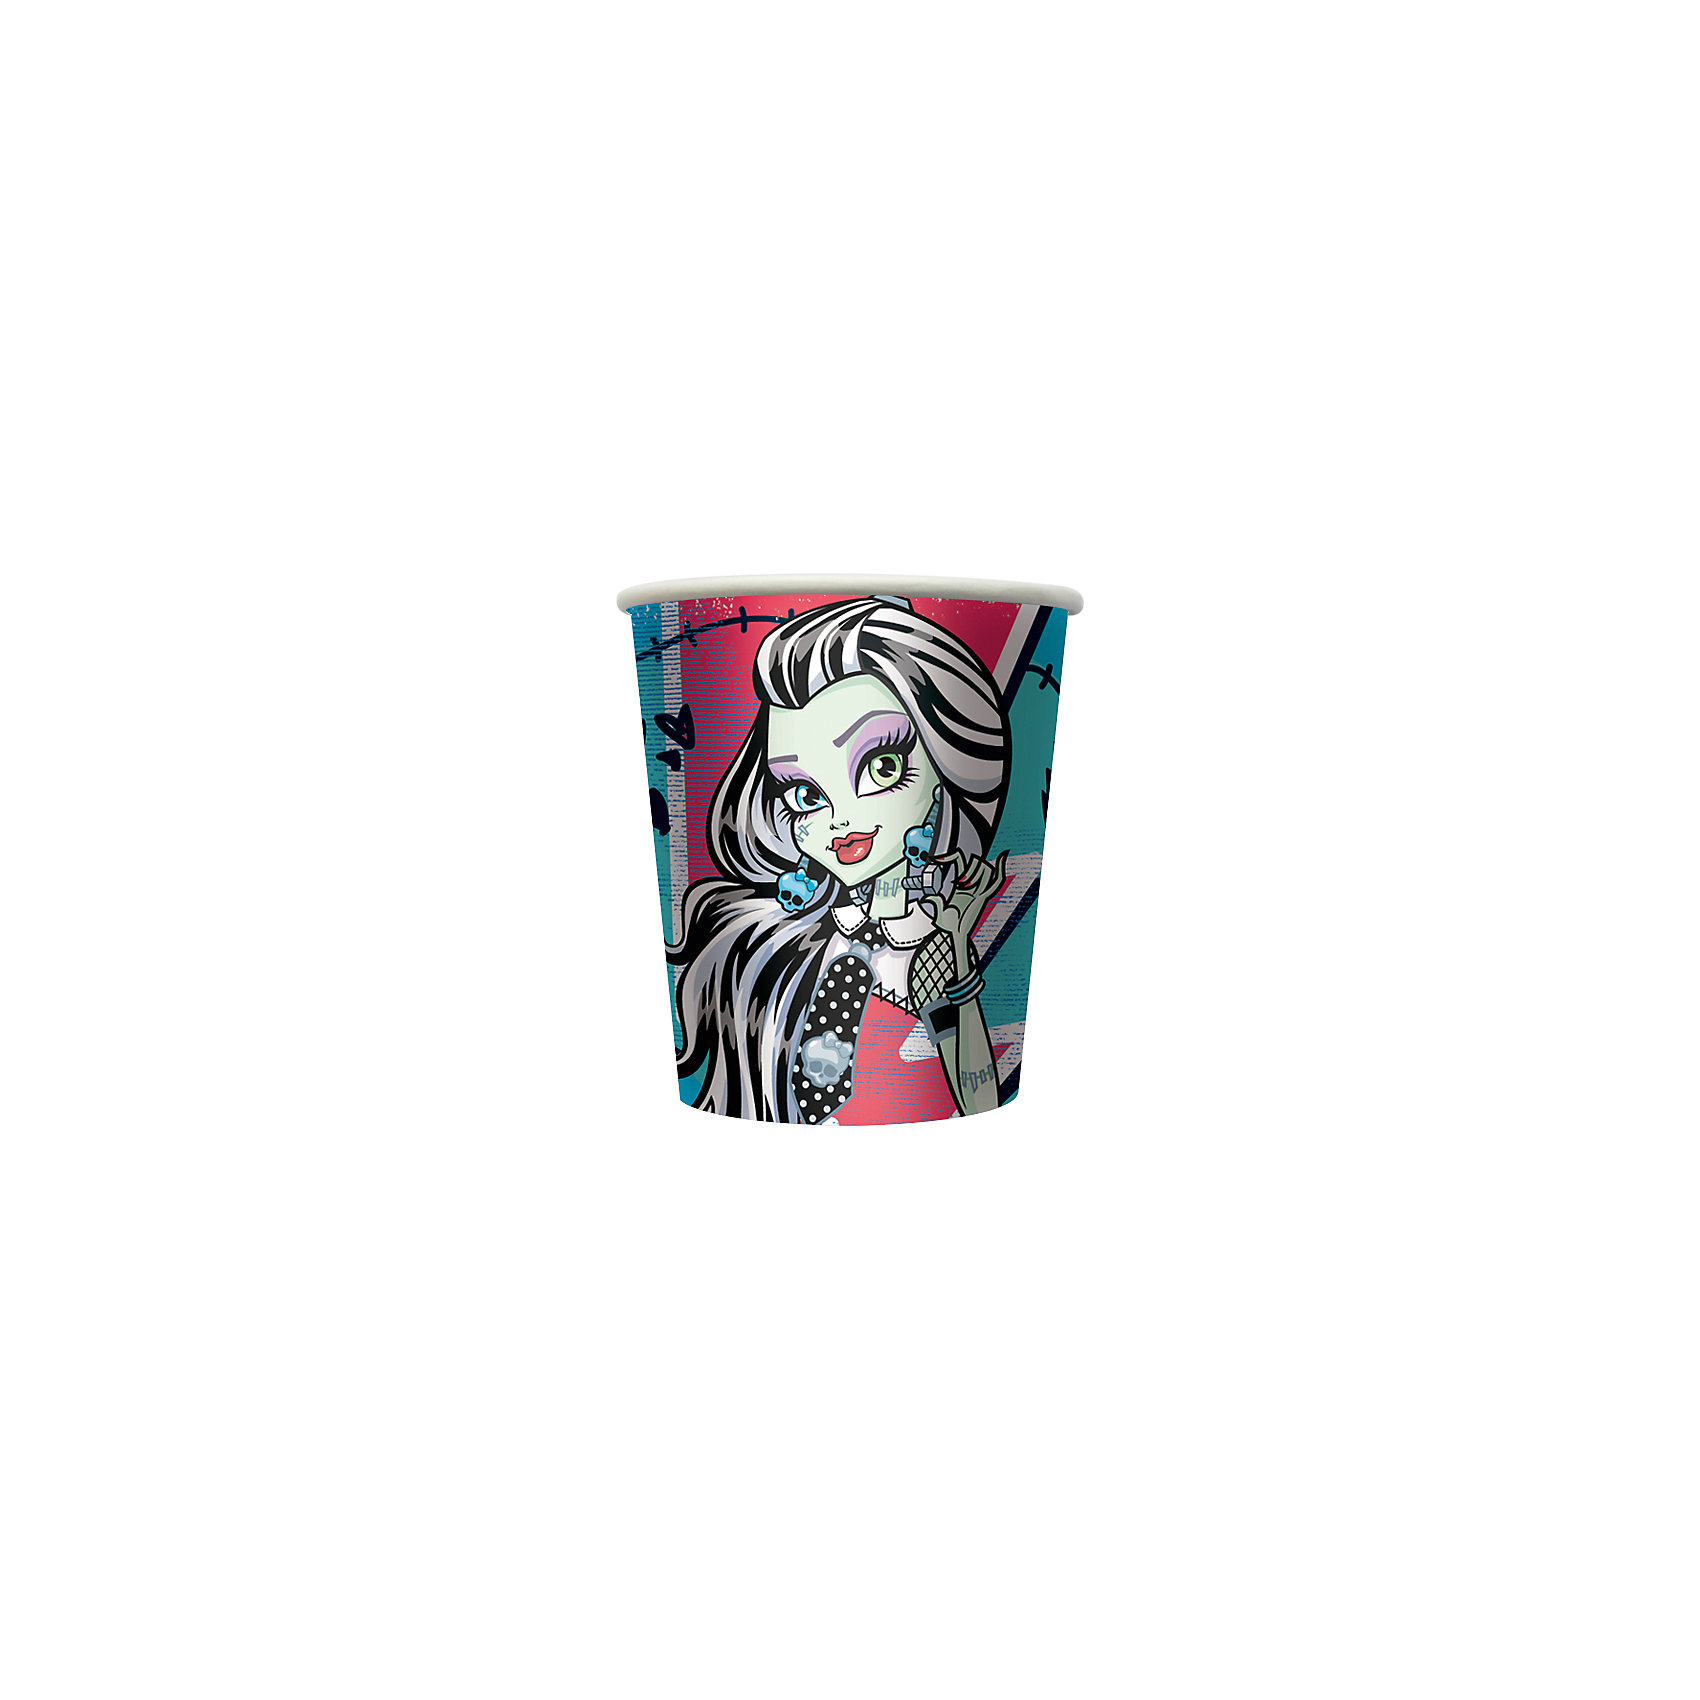 Стакан бумажный Monster High (10 шт)Набор бумажных стаканов Monster High замечательно подойдет для детского праздника и сделает его ярче и веселее. Комплект включает в себя 10 красочных стаканов, которые выполнены по мотивам популярного мультсериала Школа монстров (Monster High) и украшены изображениями его героинь. Благодаря специальному покрытию стаканы отлично удерживают напитки, не промокают, не протекают и надолго сохраняют опрятный внешний вид. <br><br>Дополнительная информация:<br><br>- В комплекте: 10 стаканов.<br>- Материал: картон.<br>- Объем стакана: 210 мл.<br>- Размер упаковки: 7,2 х 7,2 х 12 см.<br>- Вес: 56 гр.<br><br>Стакан бумажный Monster High, 10 шт., можно купить в нашем интернет-магазине.<br><br>Ширина мм: 72<br>Глубина мм: 72<br>Высота мм: 120<br>Вес г: 560<br>Возраст от месяцев: 36<br>Возраст до месяцев: 108<br>Пол: Женский<br>Возраст: Детский<br>SKU: 4046803